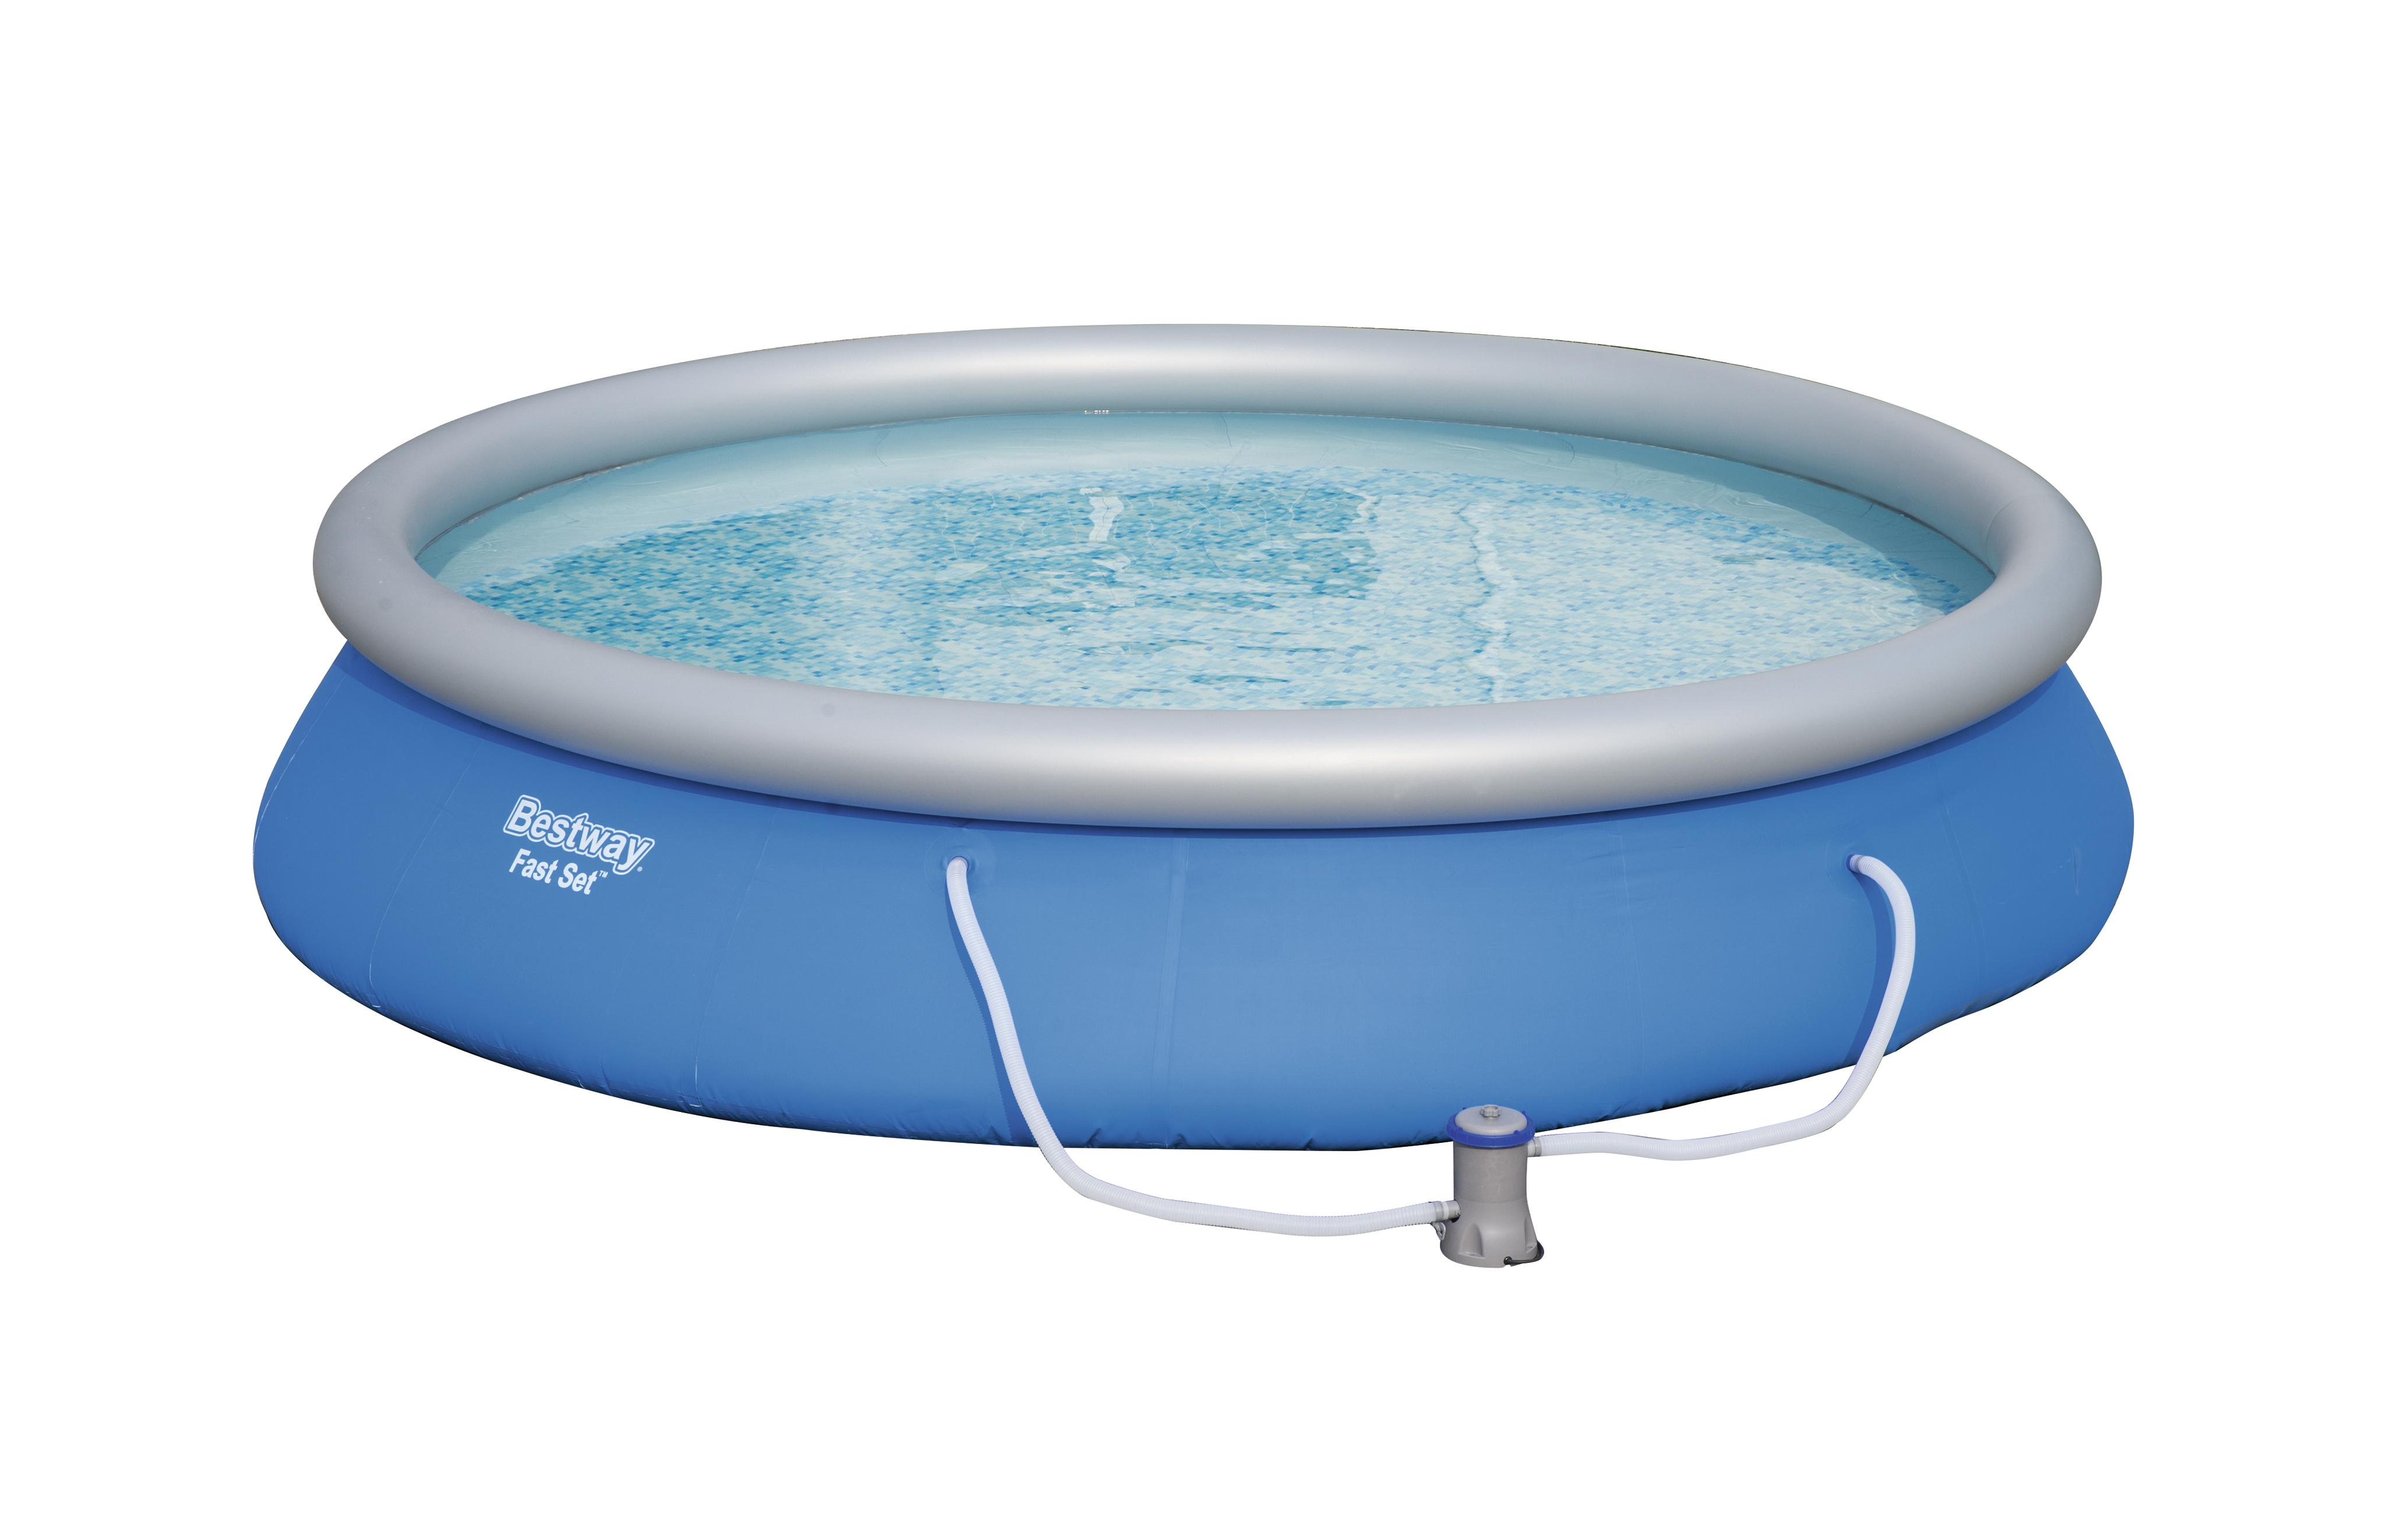 bestway kit piscine autoportante ronde fast set pools d 457 x h 84 cm pas cher achat. Black Bedroom Furniture Sets. Home Design Ideas